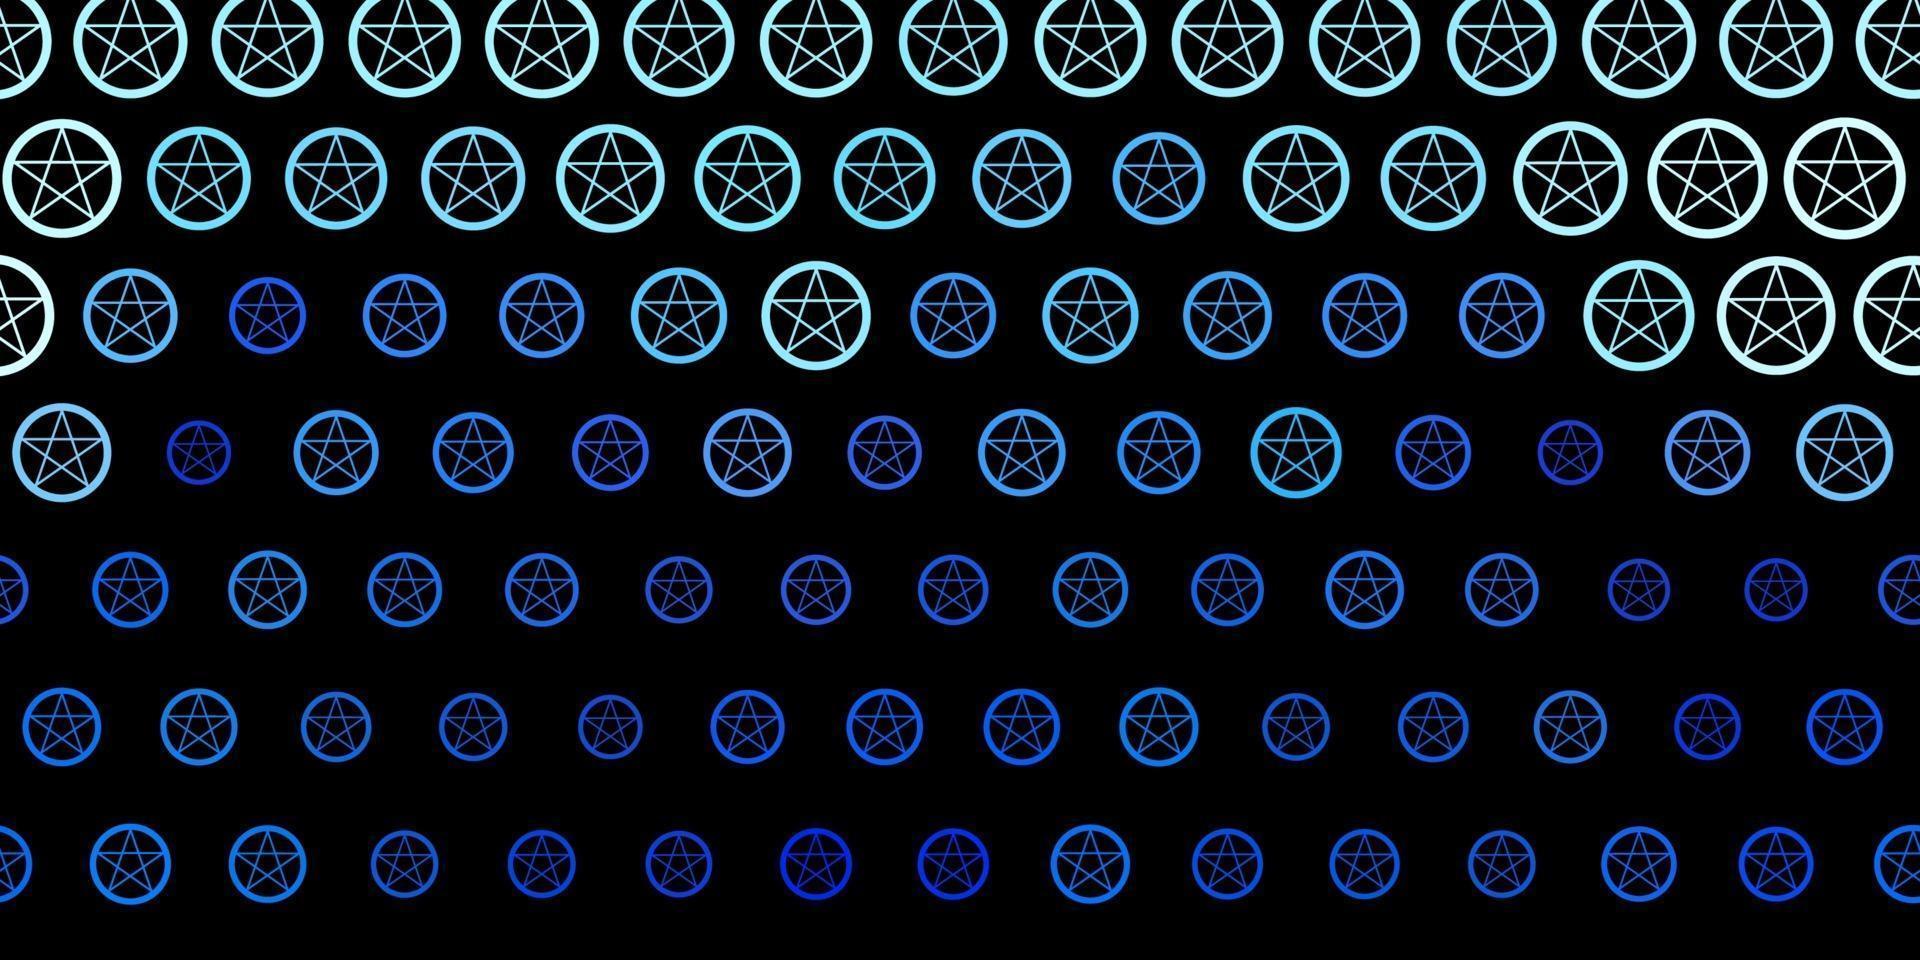 modello vettoriale viola scuro con segni esoterici.